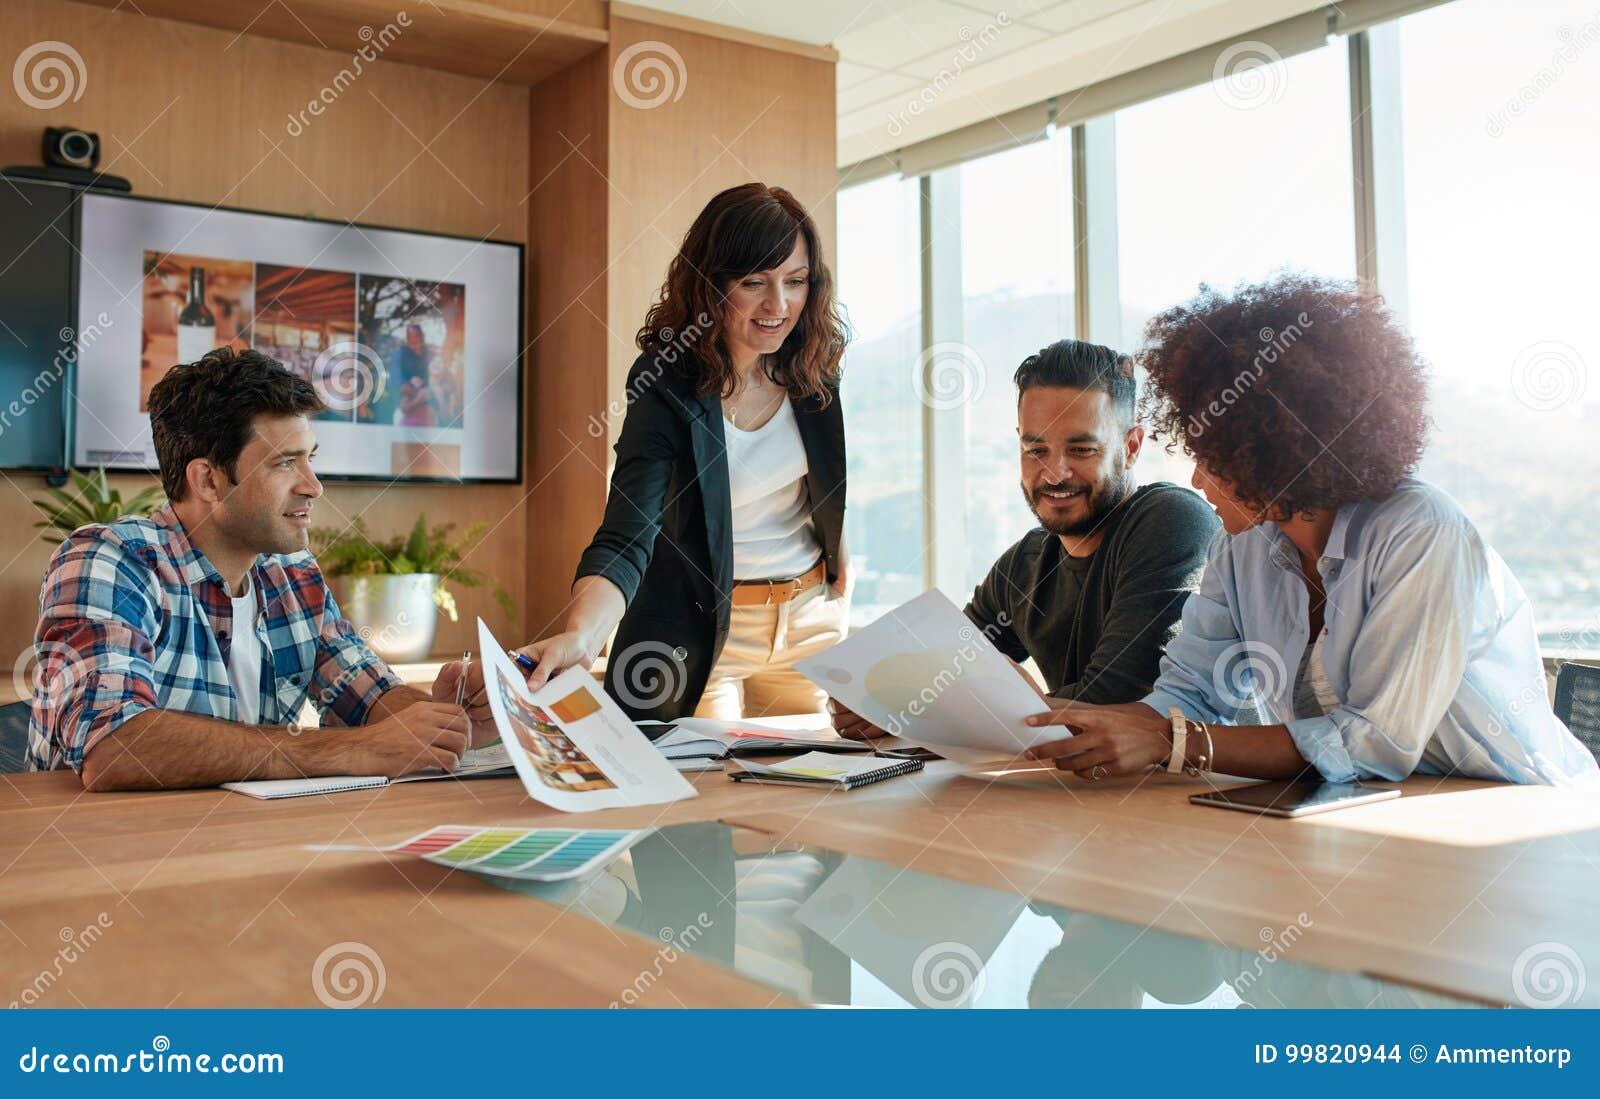 Creatieve beroeps die nieuw project in vergadering bespreken